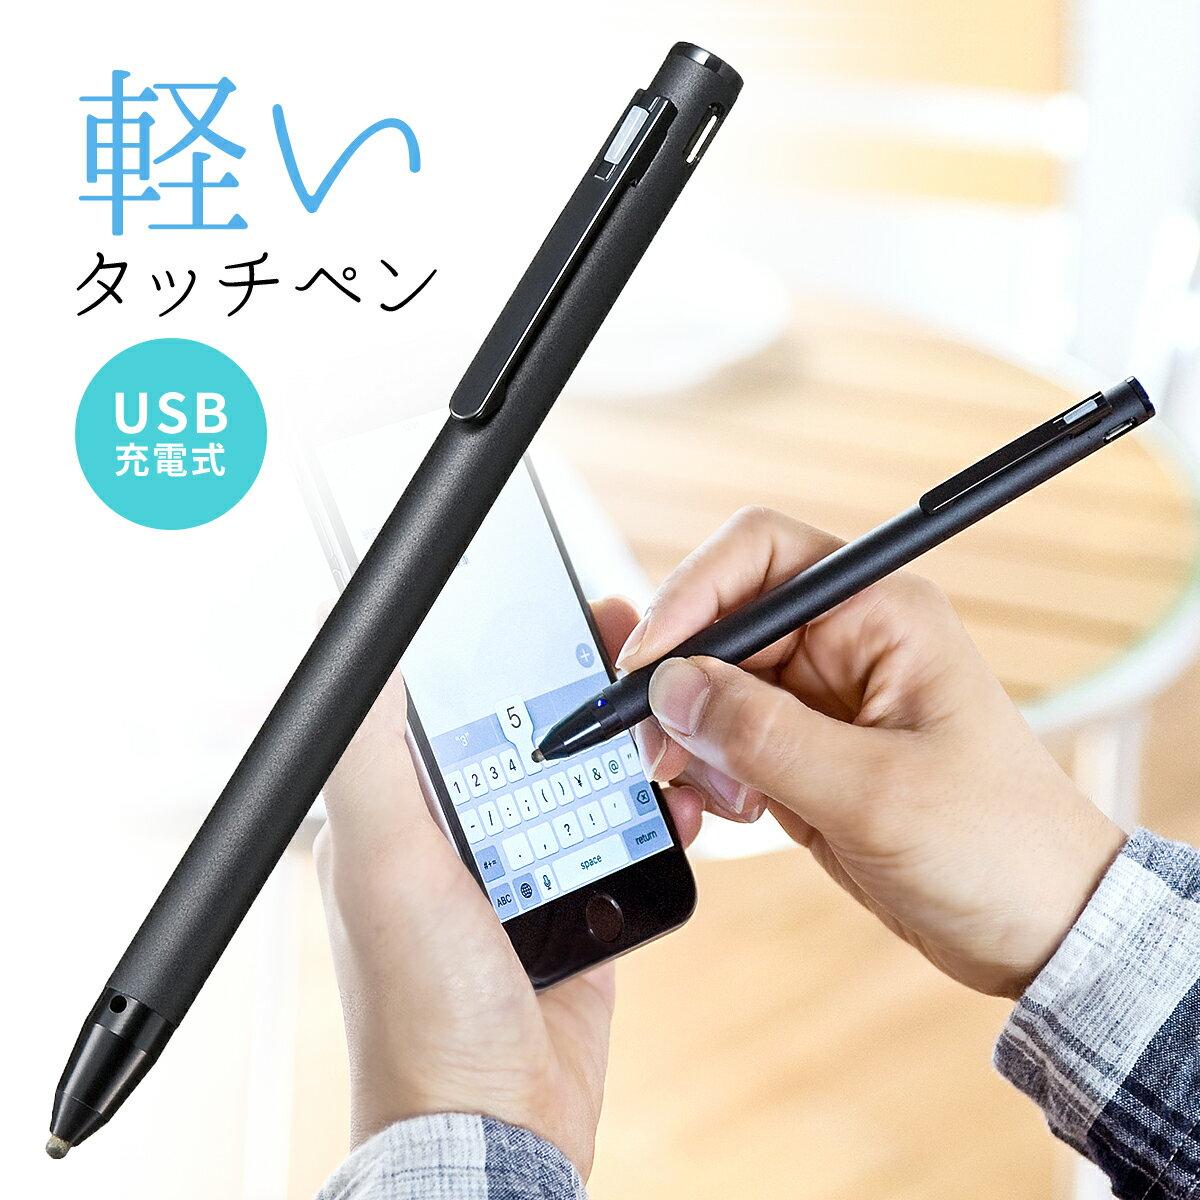 極細タッチペン USB充電式 スライスペン iPhone・スマートフォン(スマホ)・iPad・タブレット対応 ペン先2.8mm スタイラスペン 細い ツムツム [200-PEN030BK]【サンワダイレクト限定品】【送料無料】